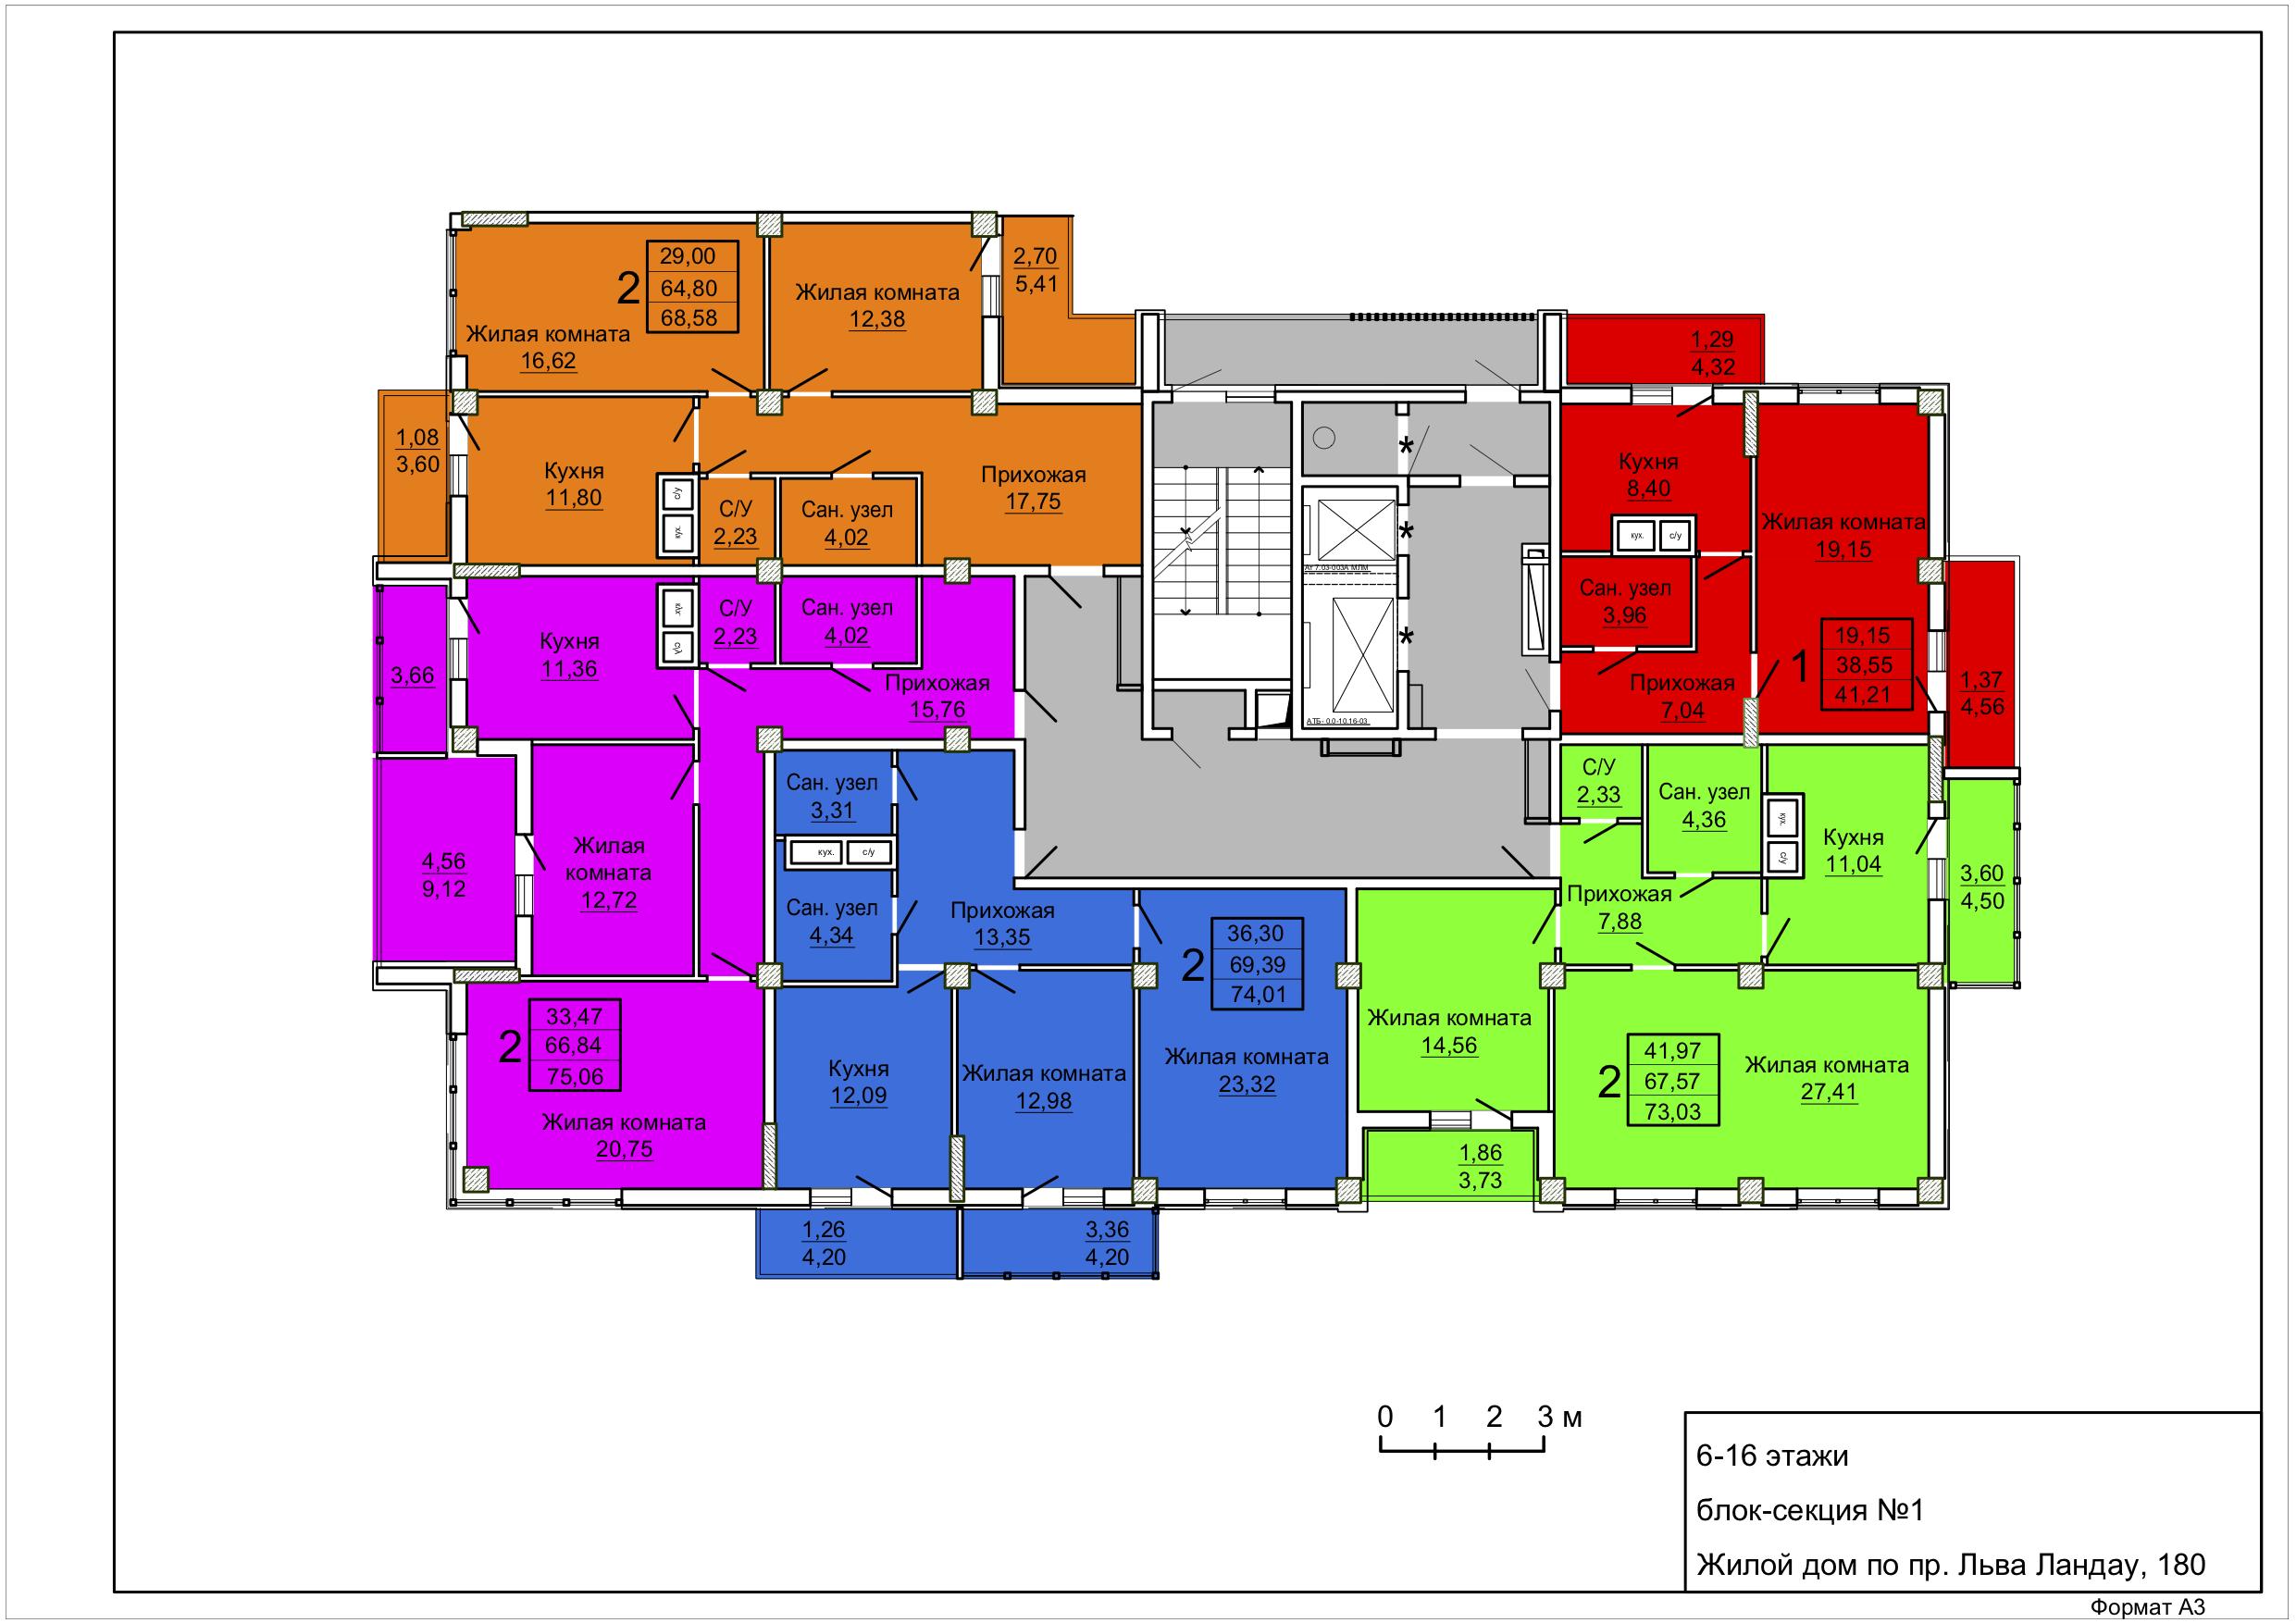 секция 1, 6-16 этаж